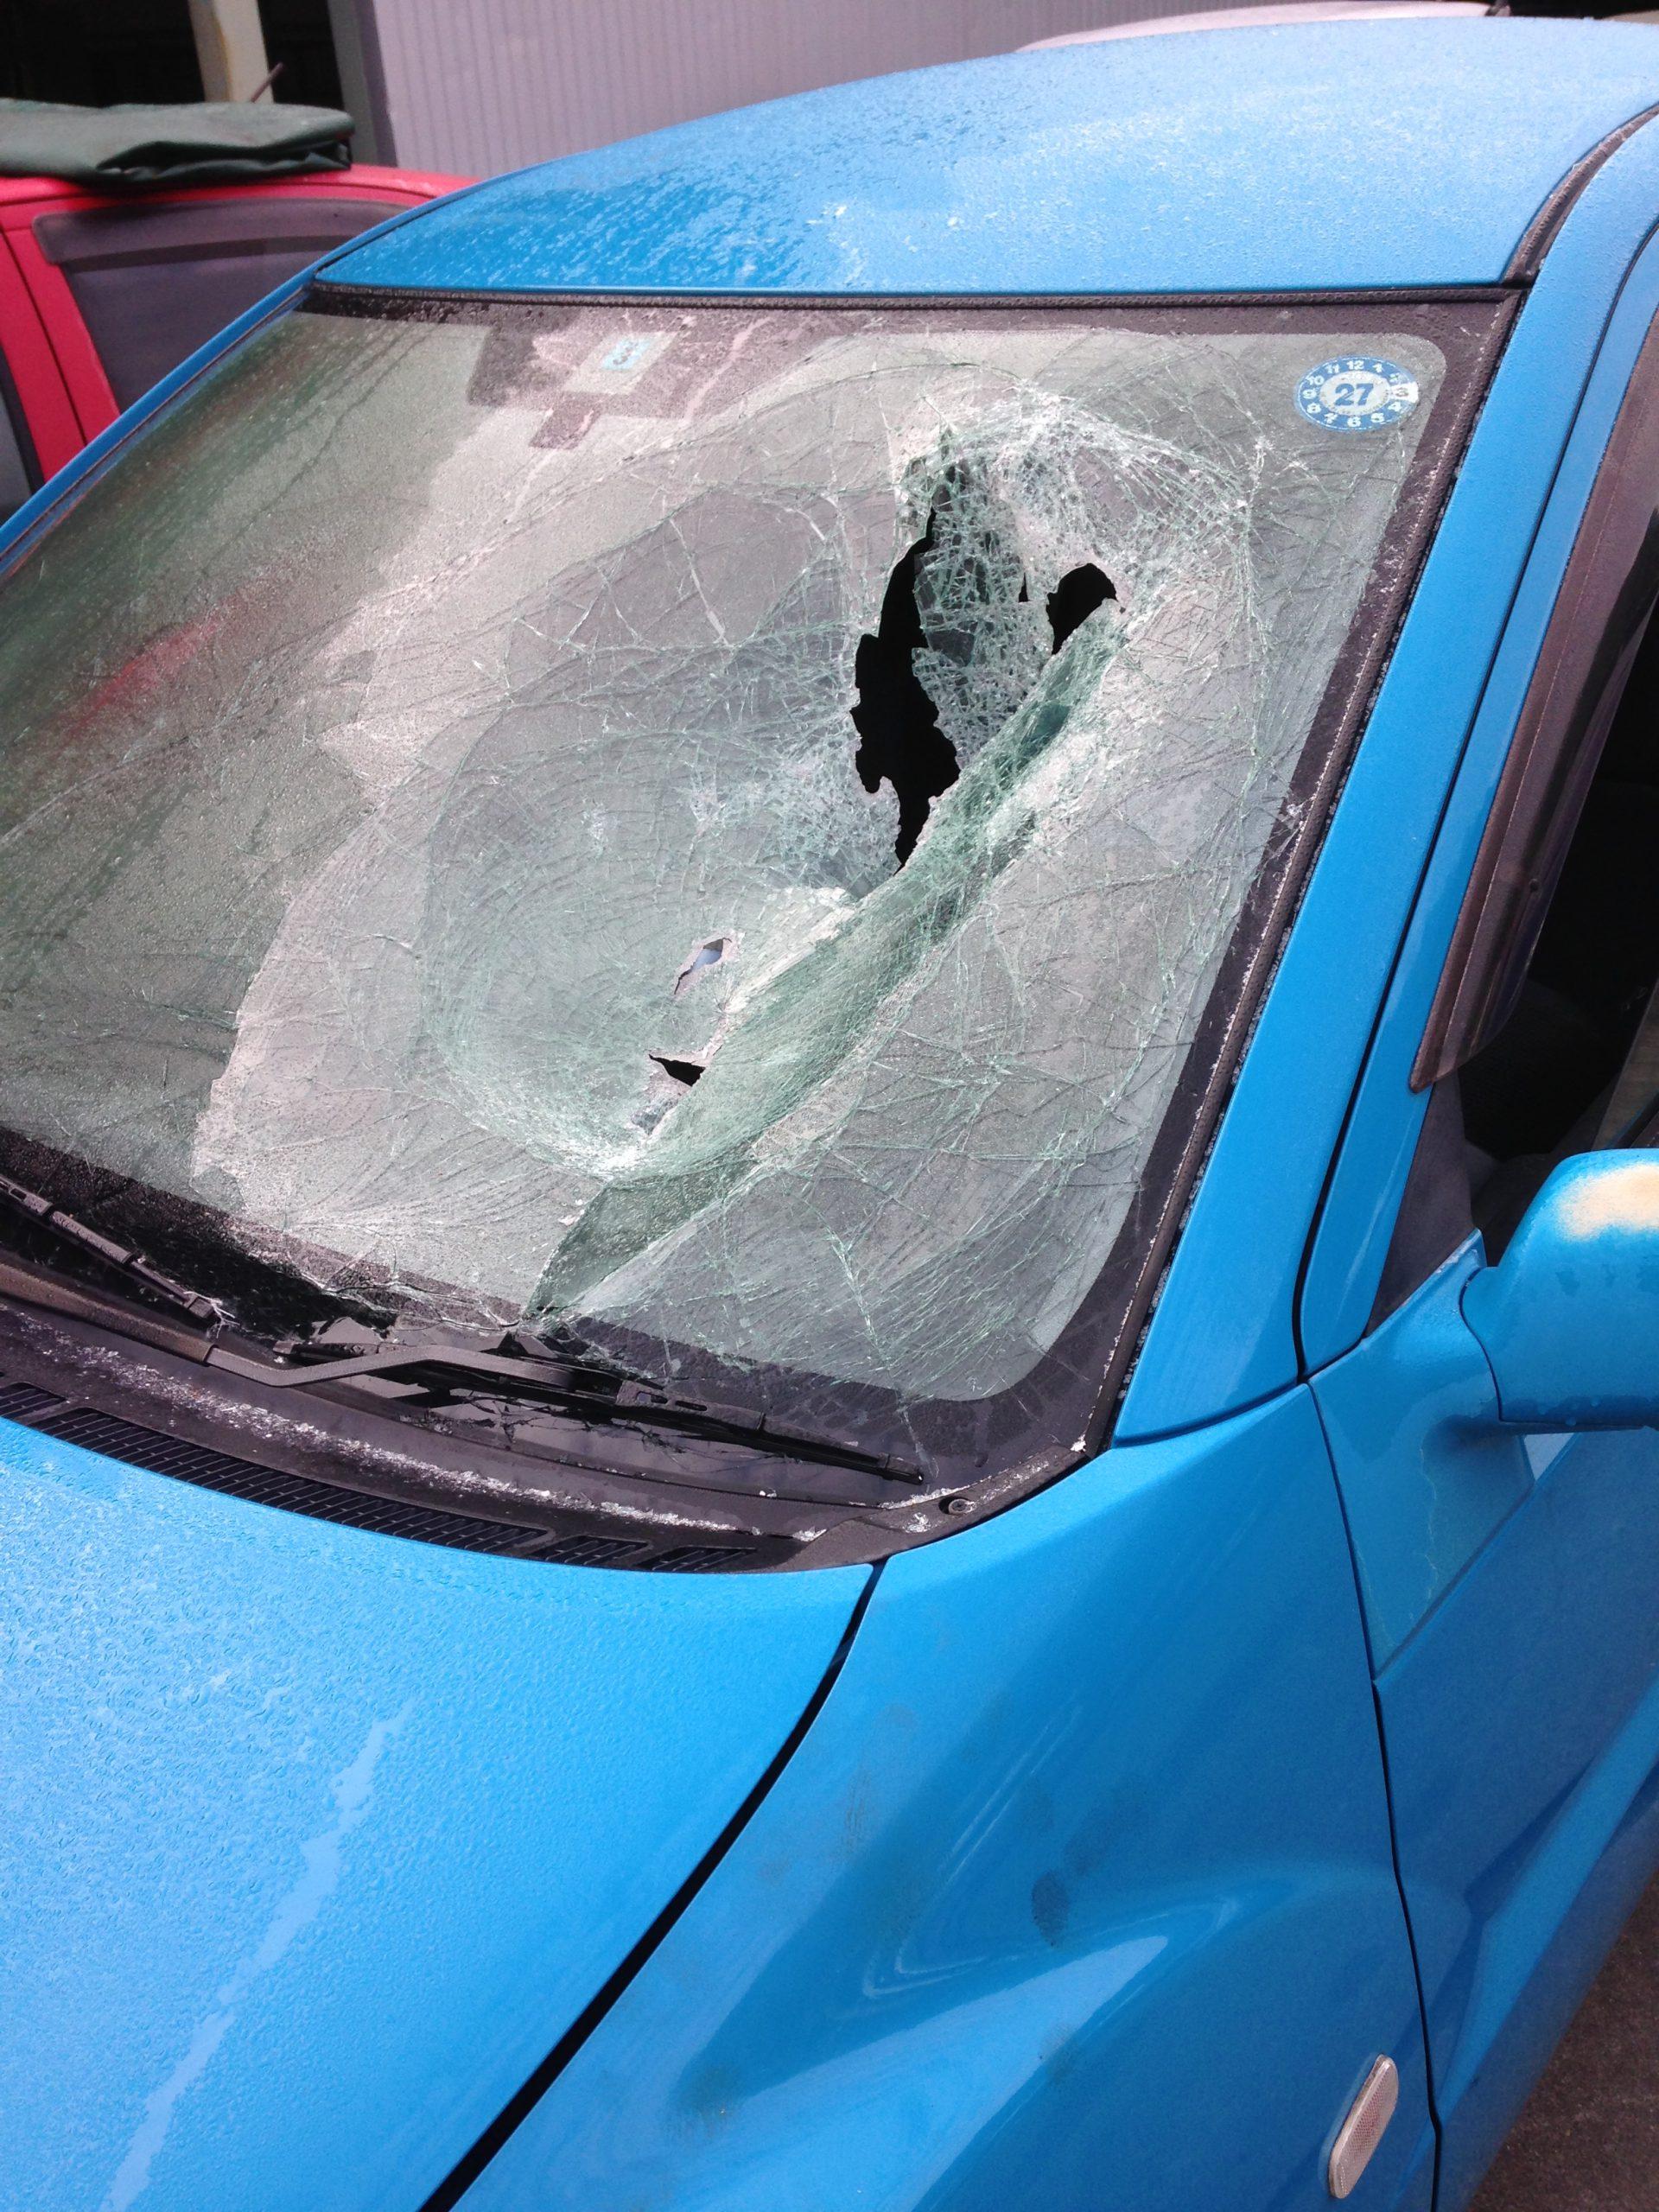 暴発したインフレーターが飛び出して大破したフロントガラス